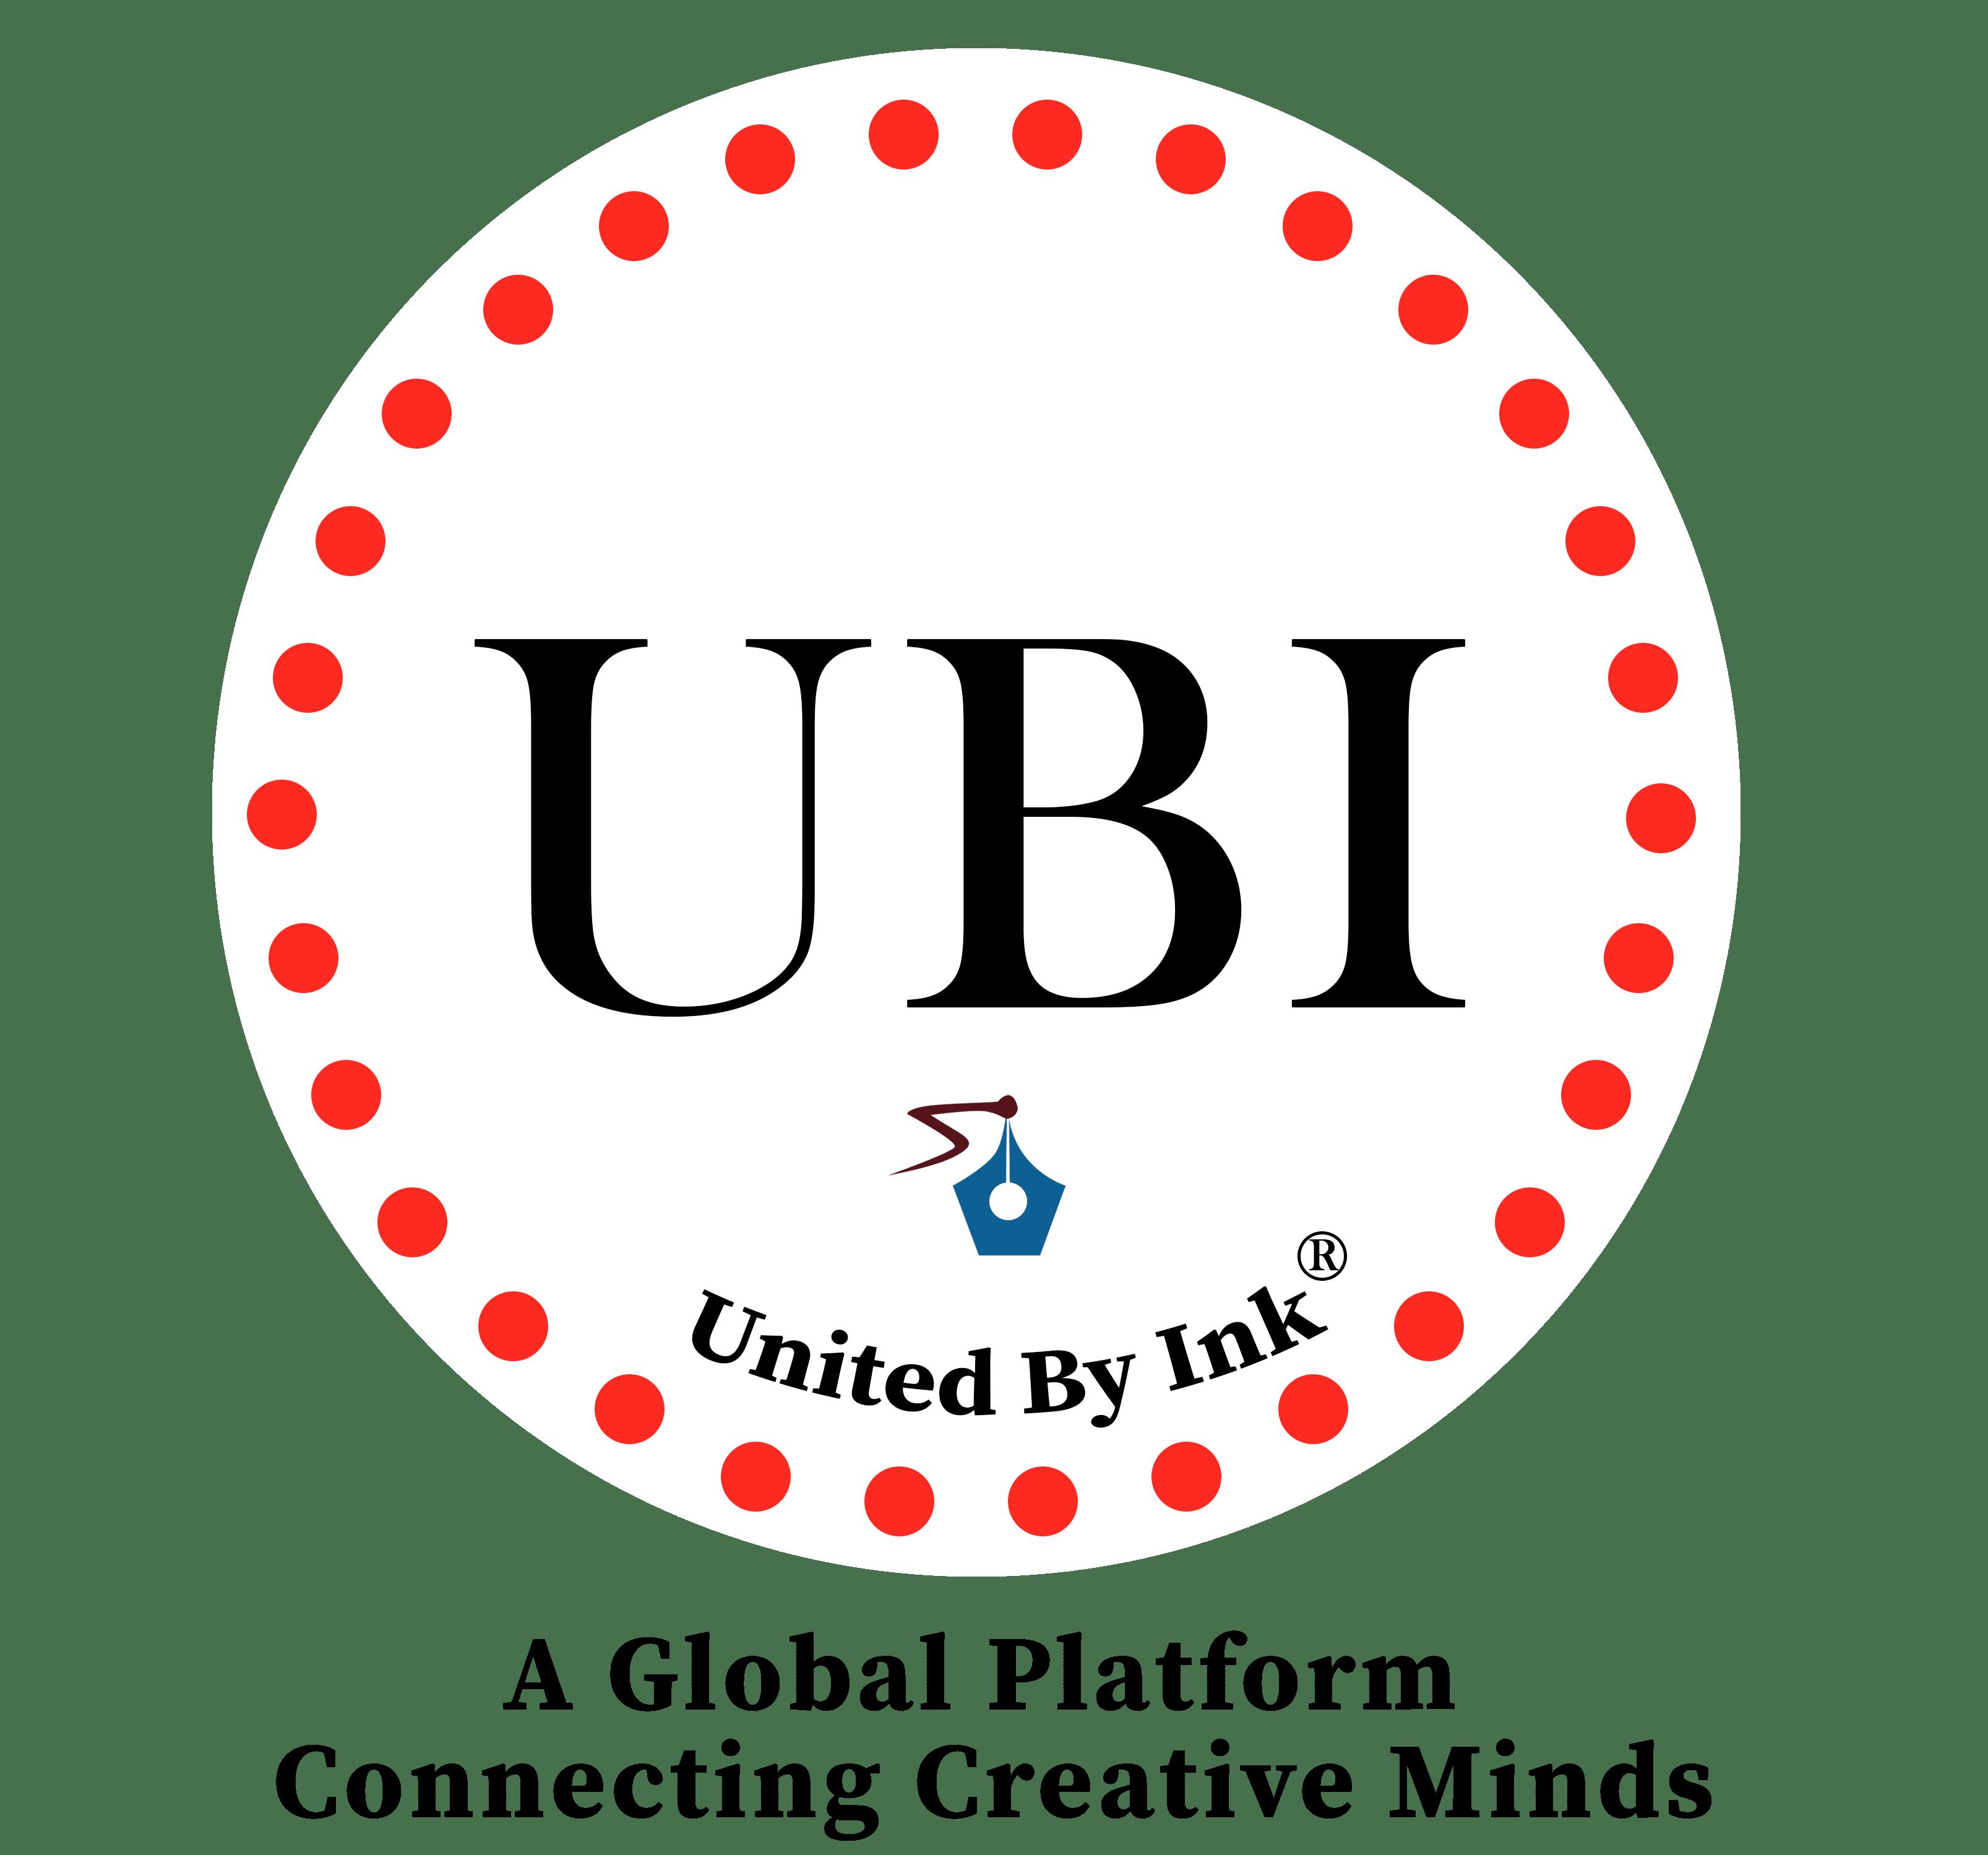 Team UBI